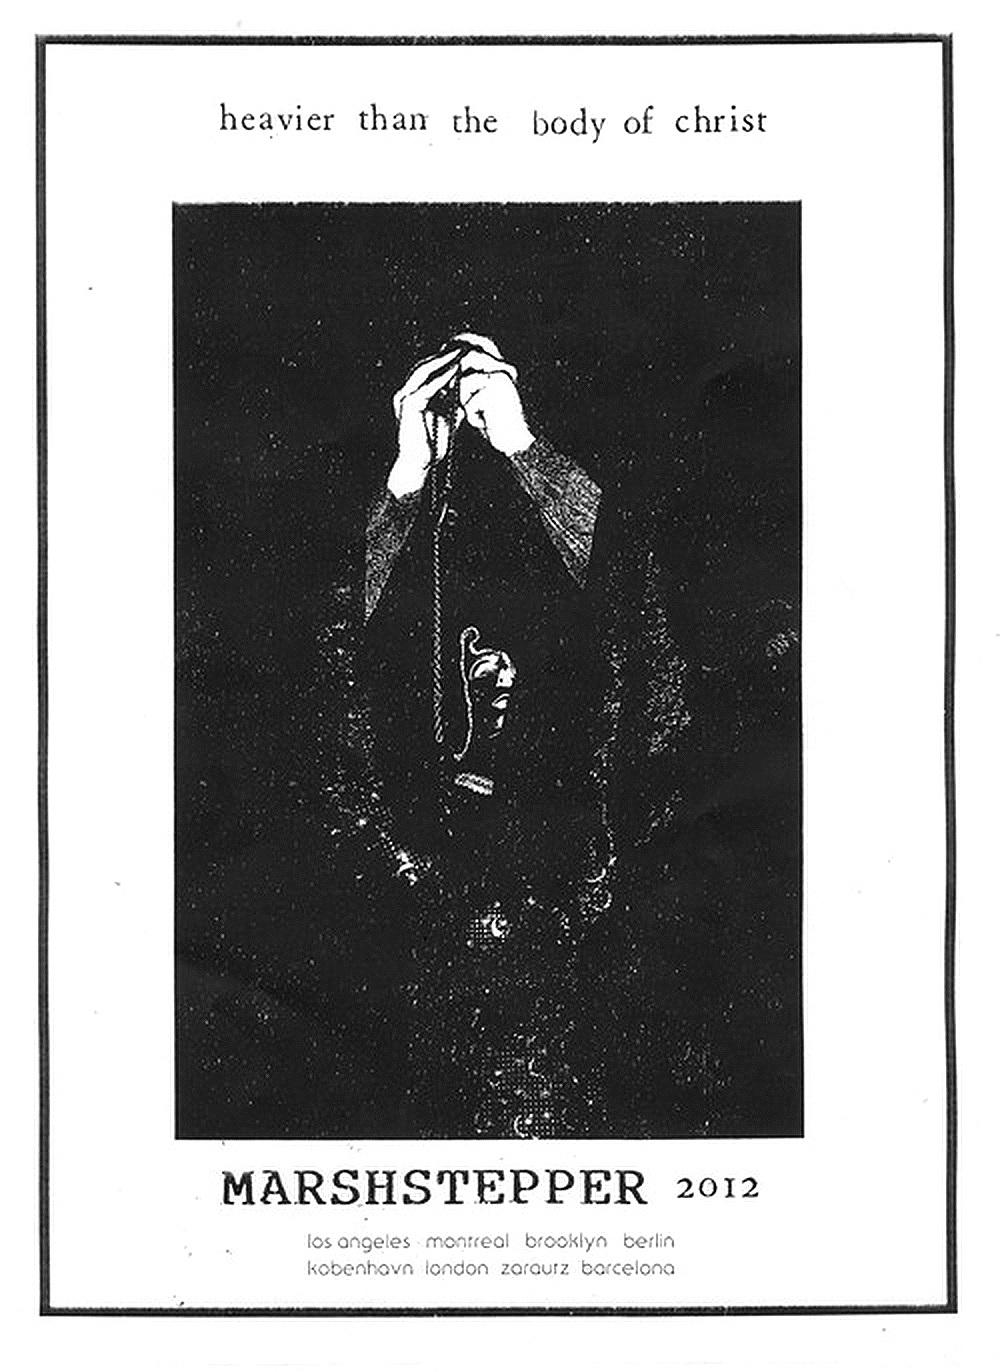 marshstepper_heavier_1000.jpg